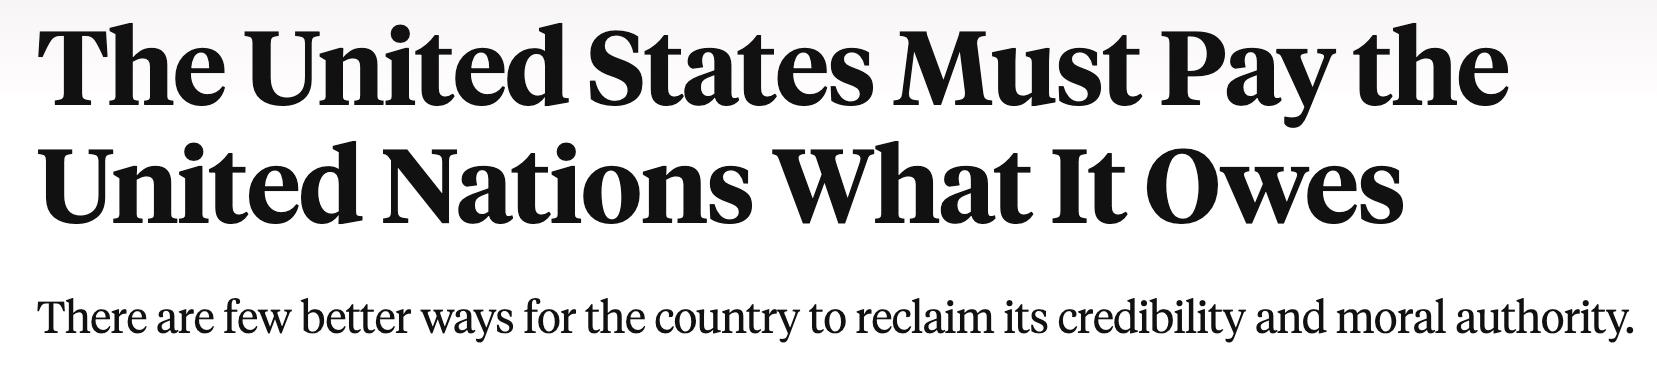 《外交政策》文章截图